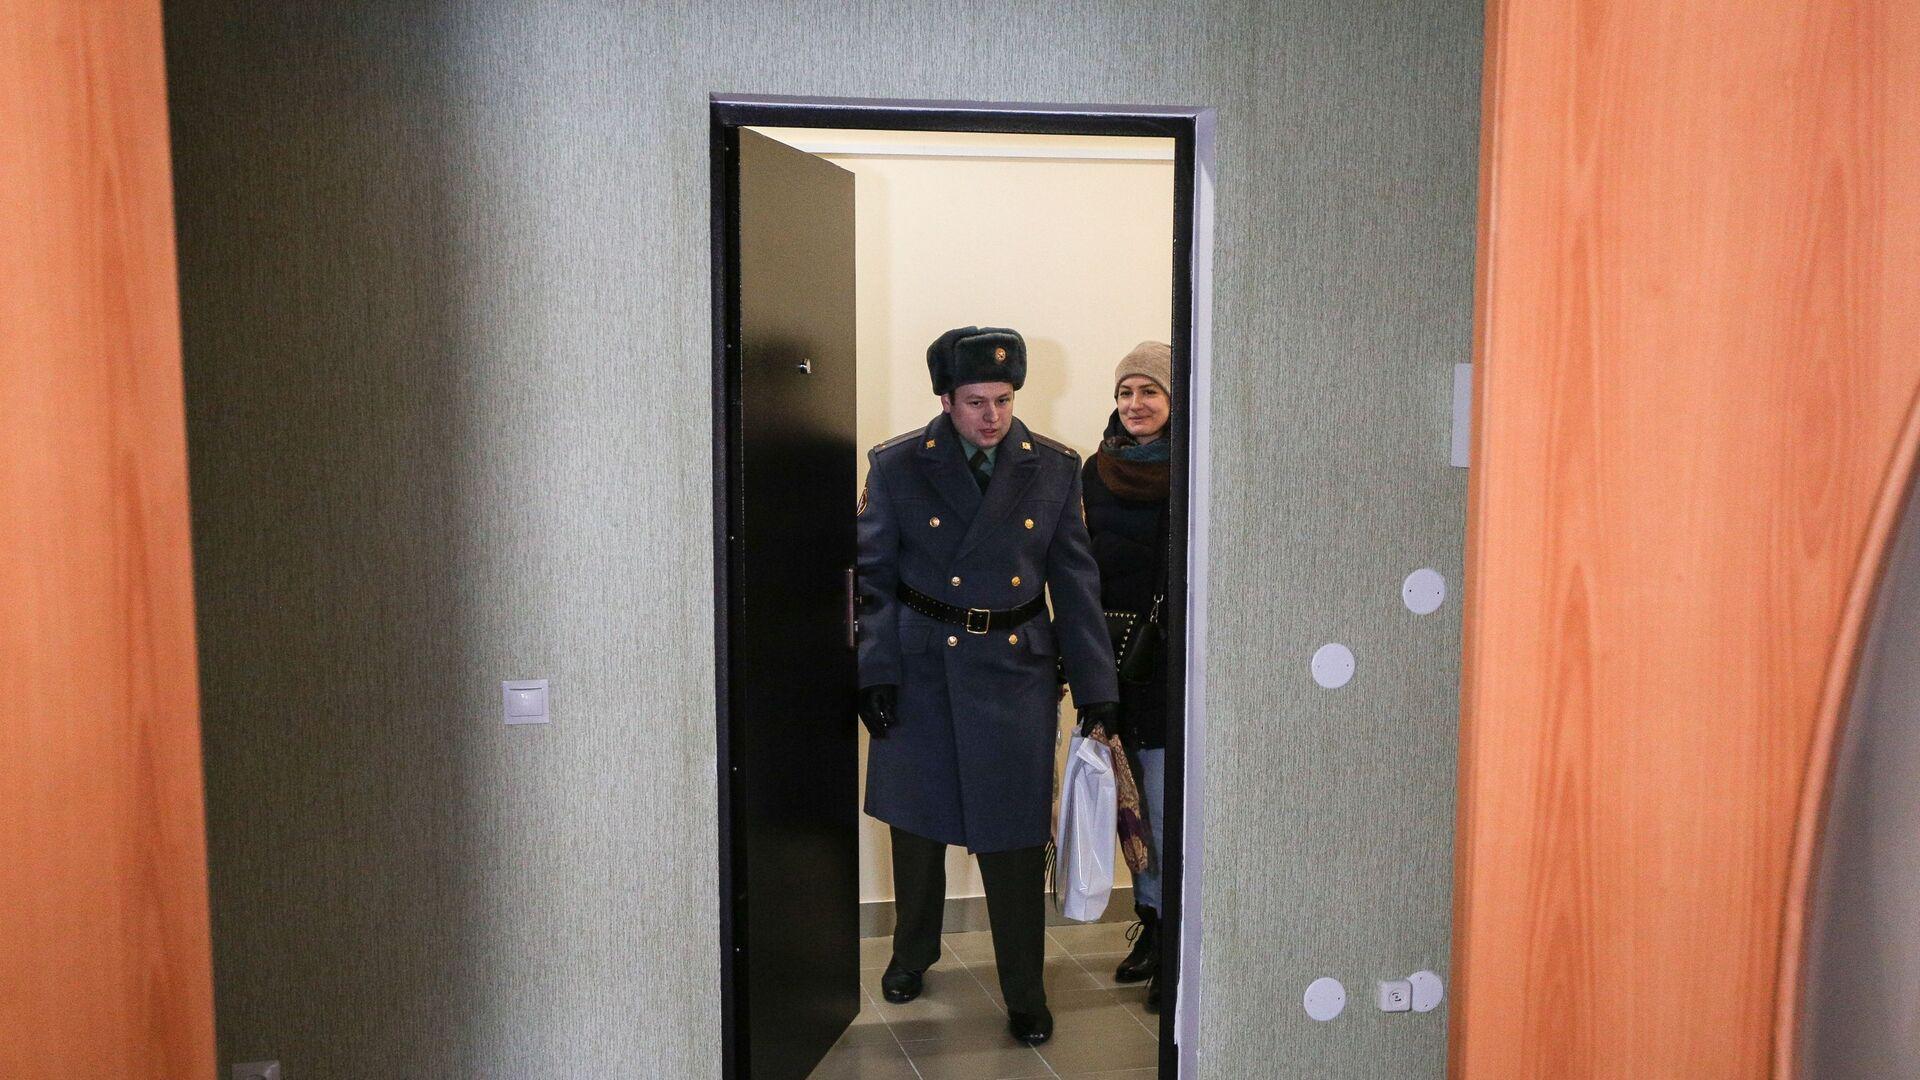 Новоселы заходят в свою новую квартиру после церемонии торжественной передачи служебного жилья военнослужащим войсковой части - РИА Новости, 1920, 15.09.2021